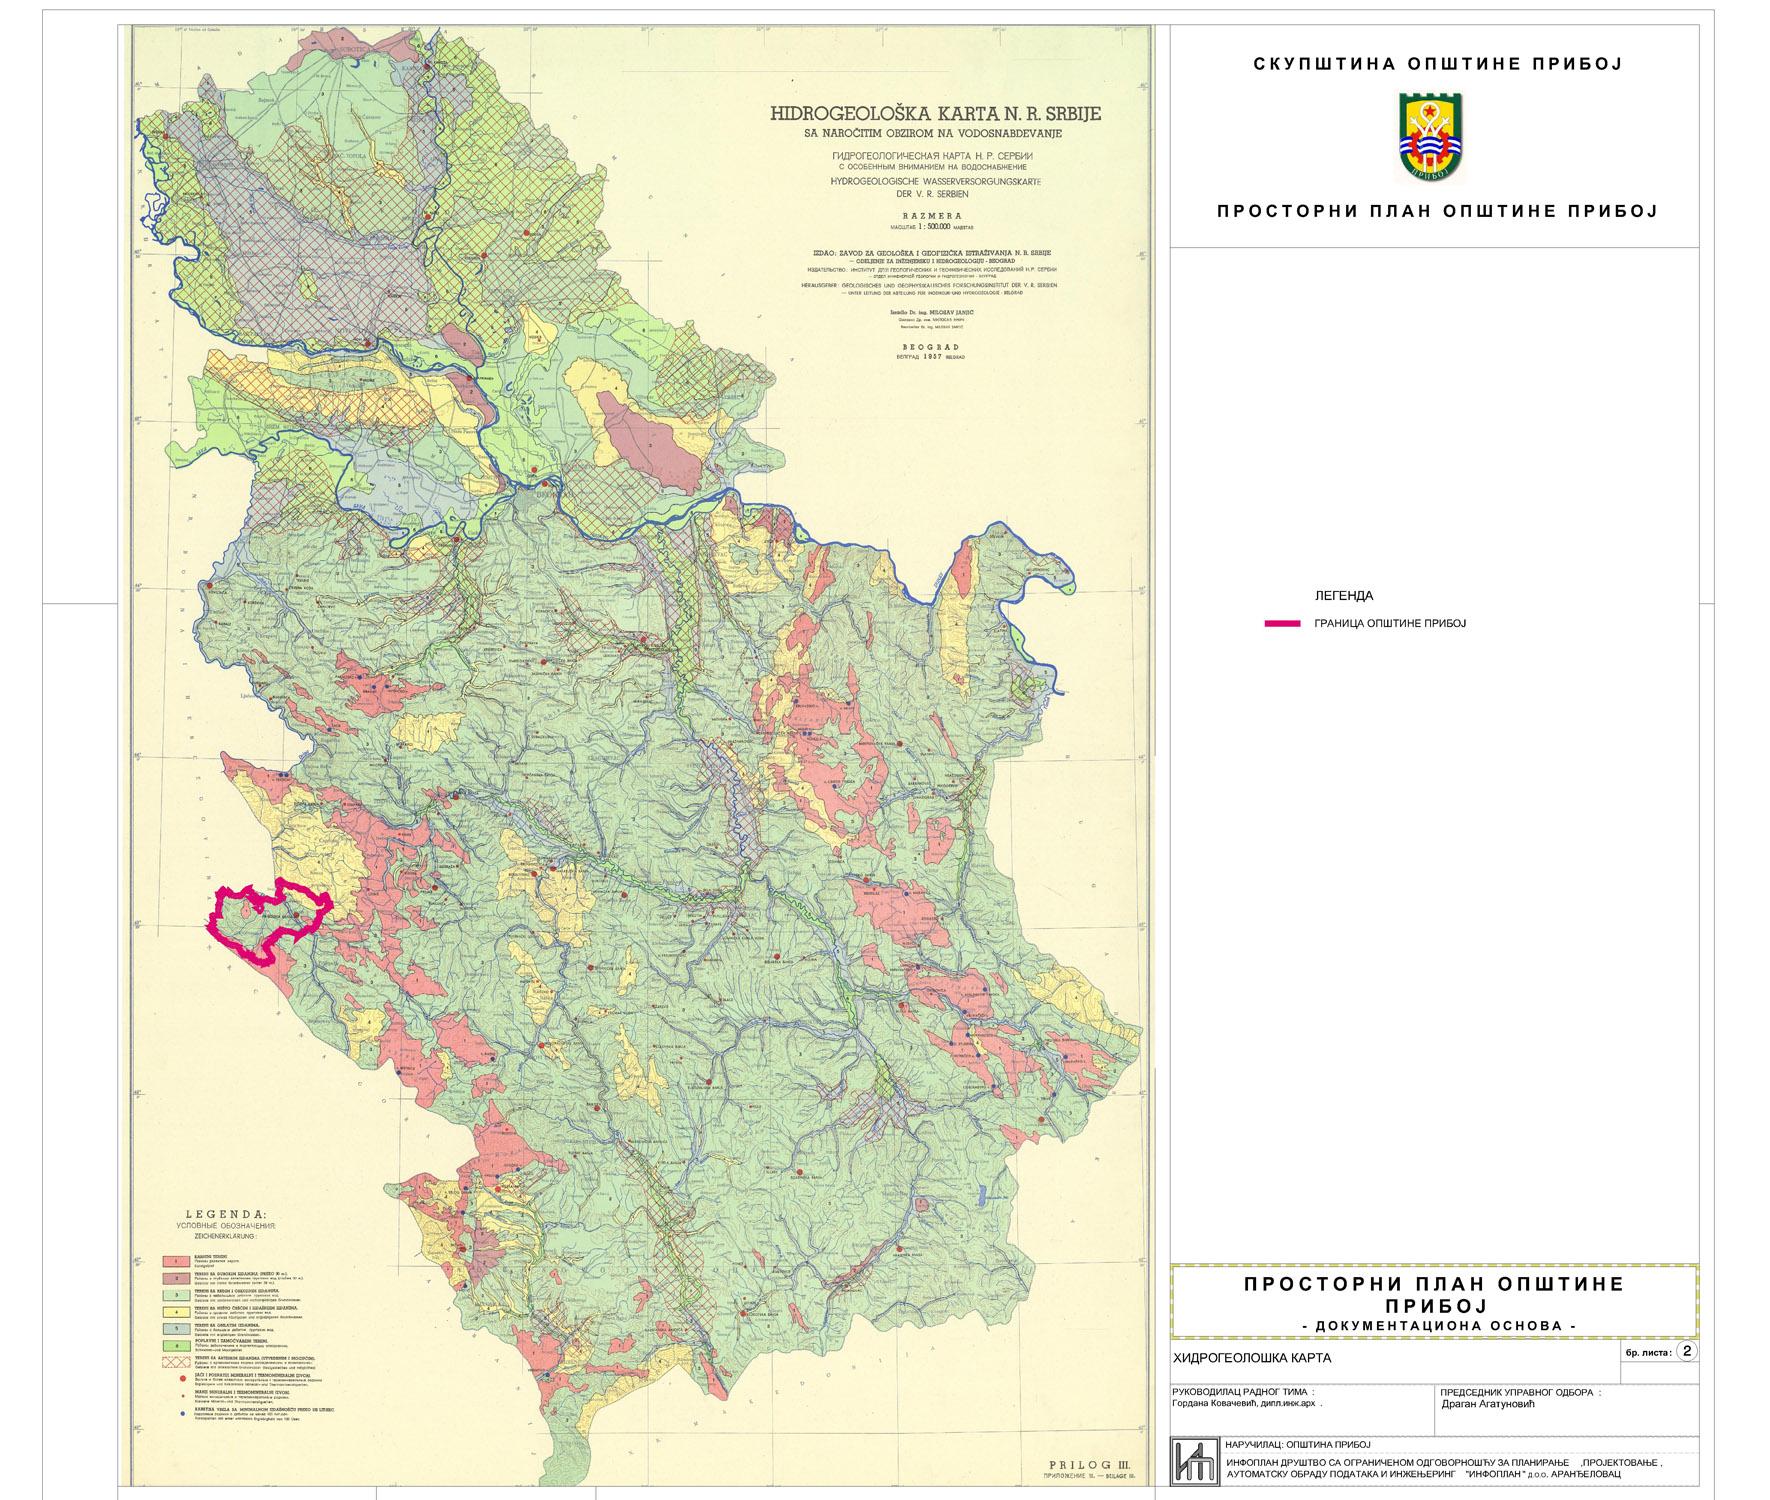 pedoloska karta srbije Urbanizam   Општина Прибој pedoloska karta srbije